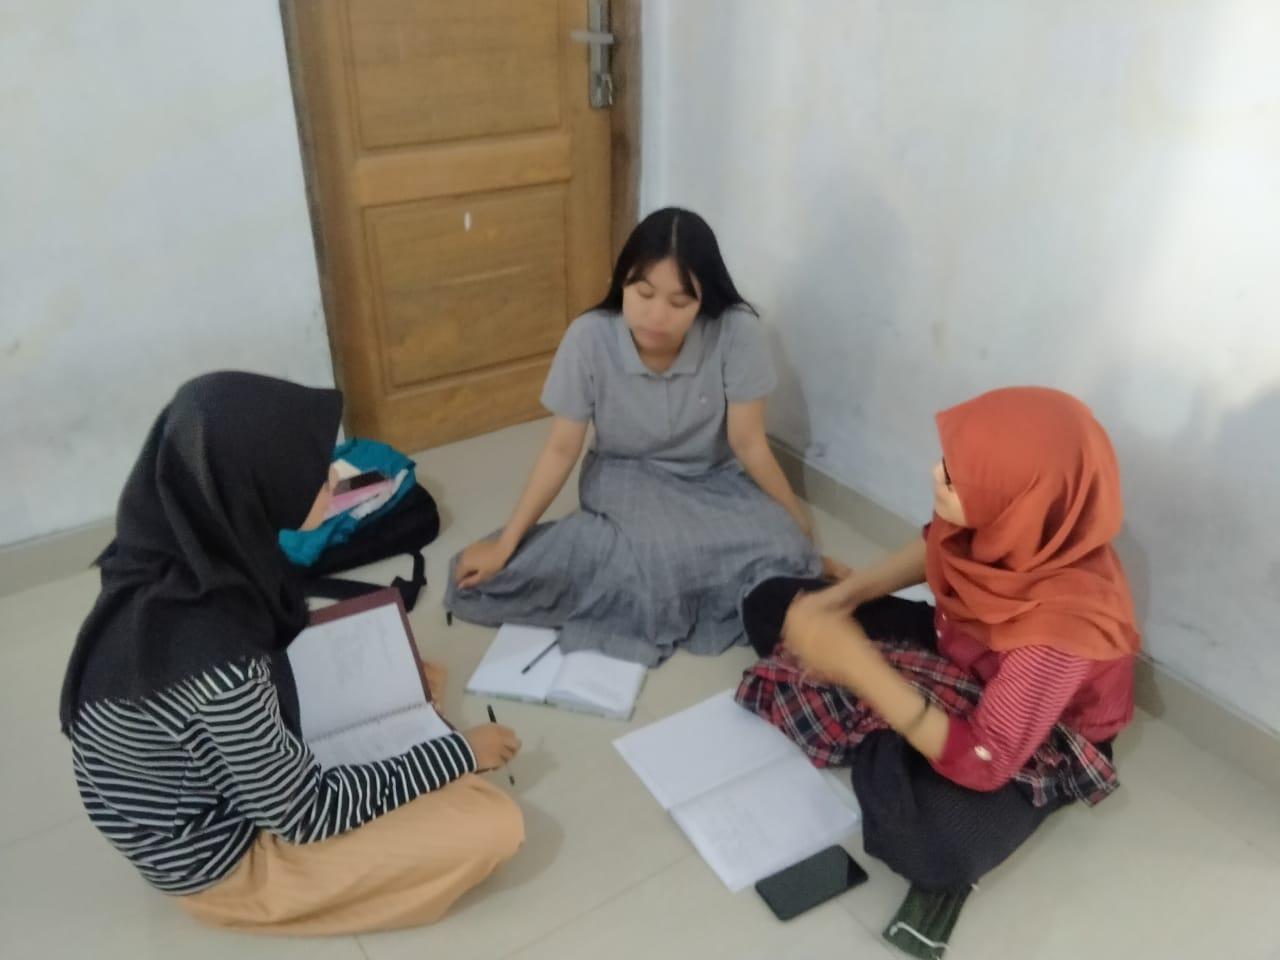 kursus bahasa inggris intensif di depok